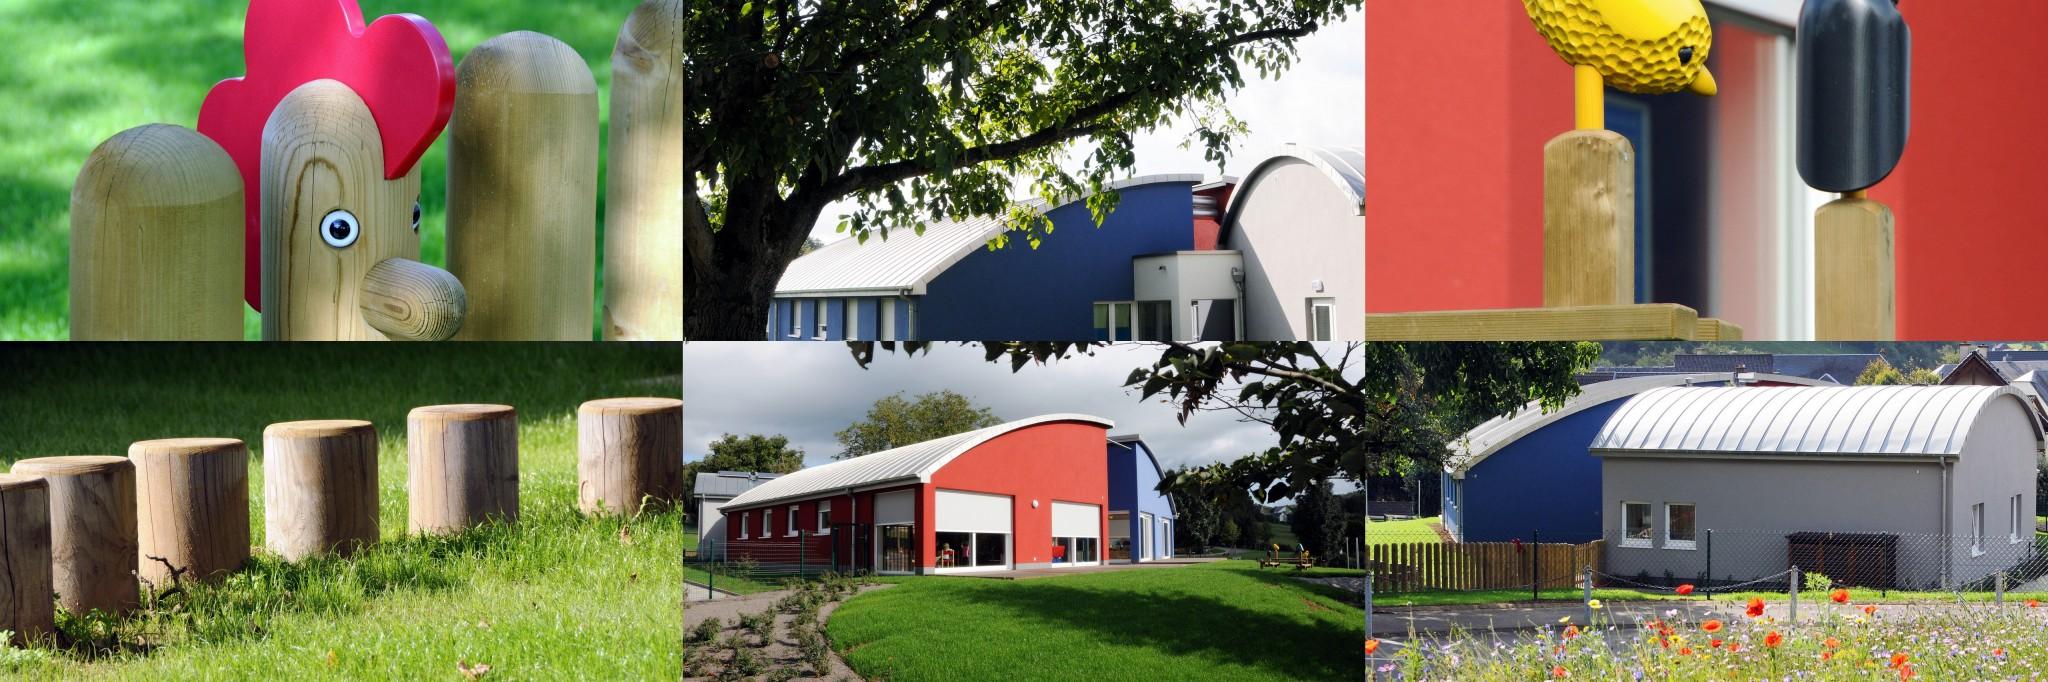 architecte thierry noben luxembourg crèche